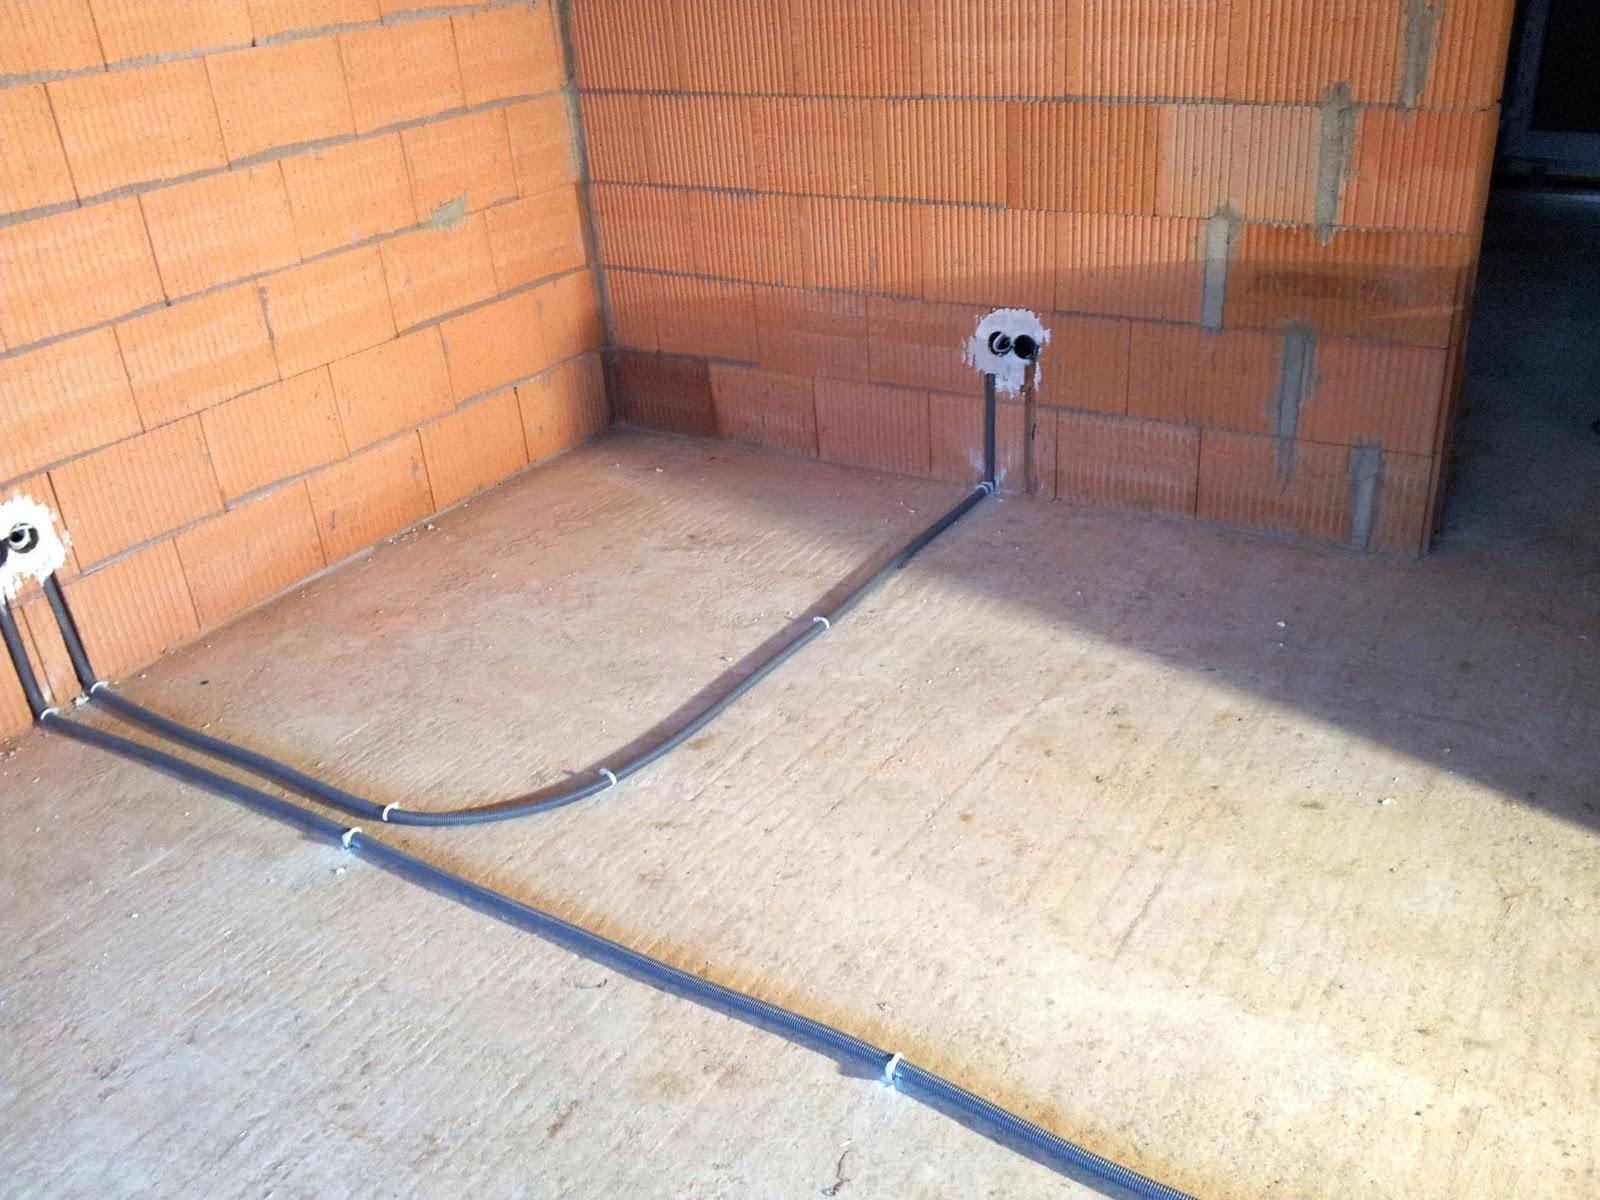 Kabel Im Fußboden Verlegen ~ Wir bauen ein haus: januar 2012